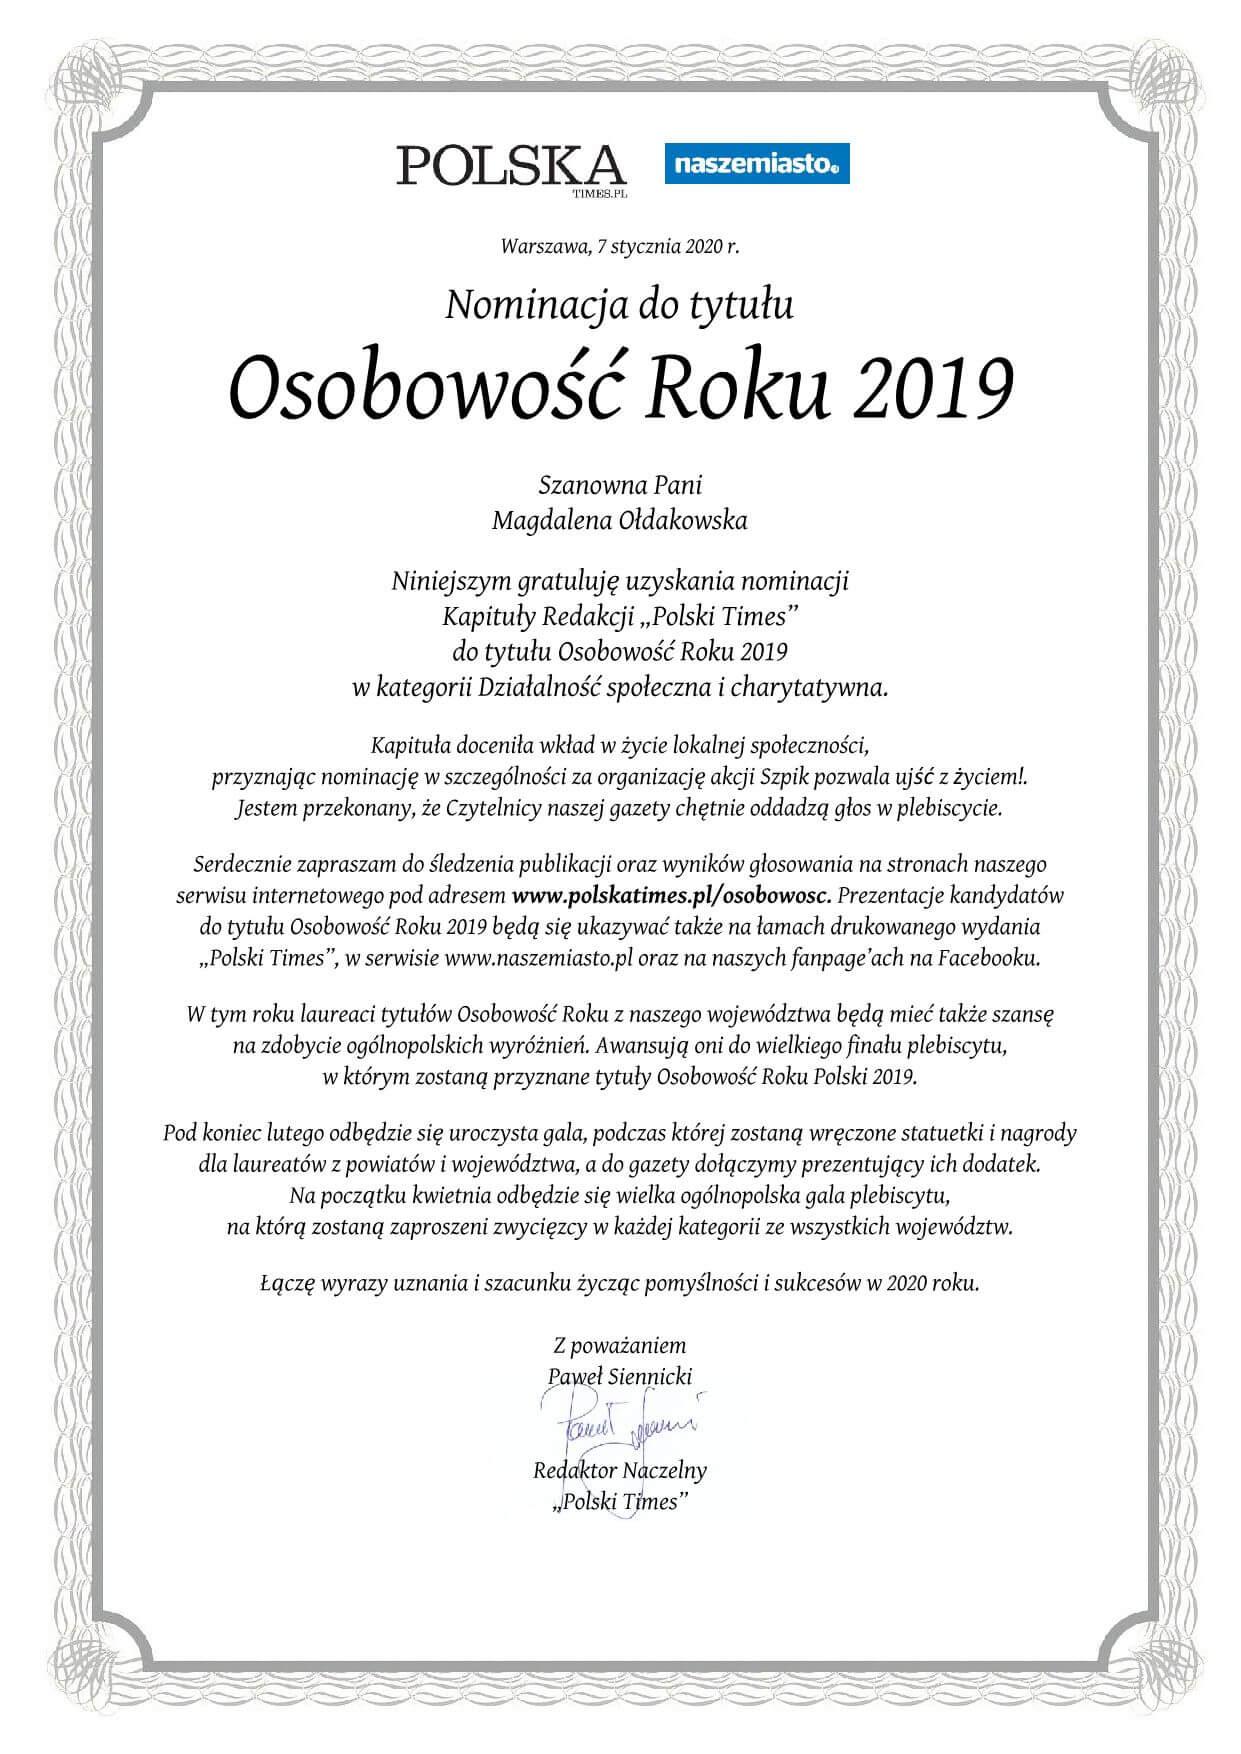 """Magdalena Ołdakowska nominowana dotytułu """"Osobowość Roku 2019"""" wogólnopolskim plebiscycie Polska Times!"""